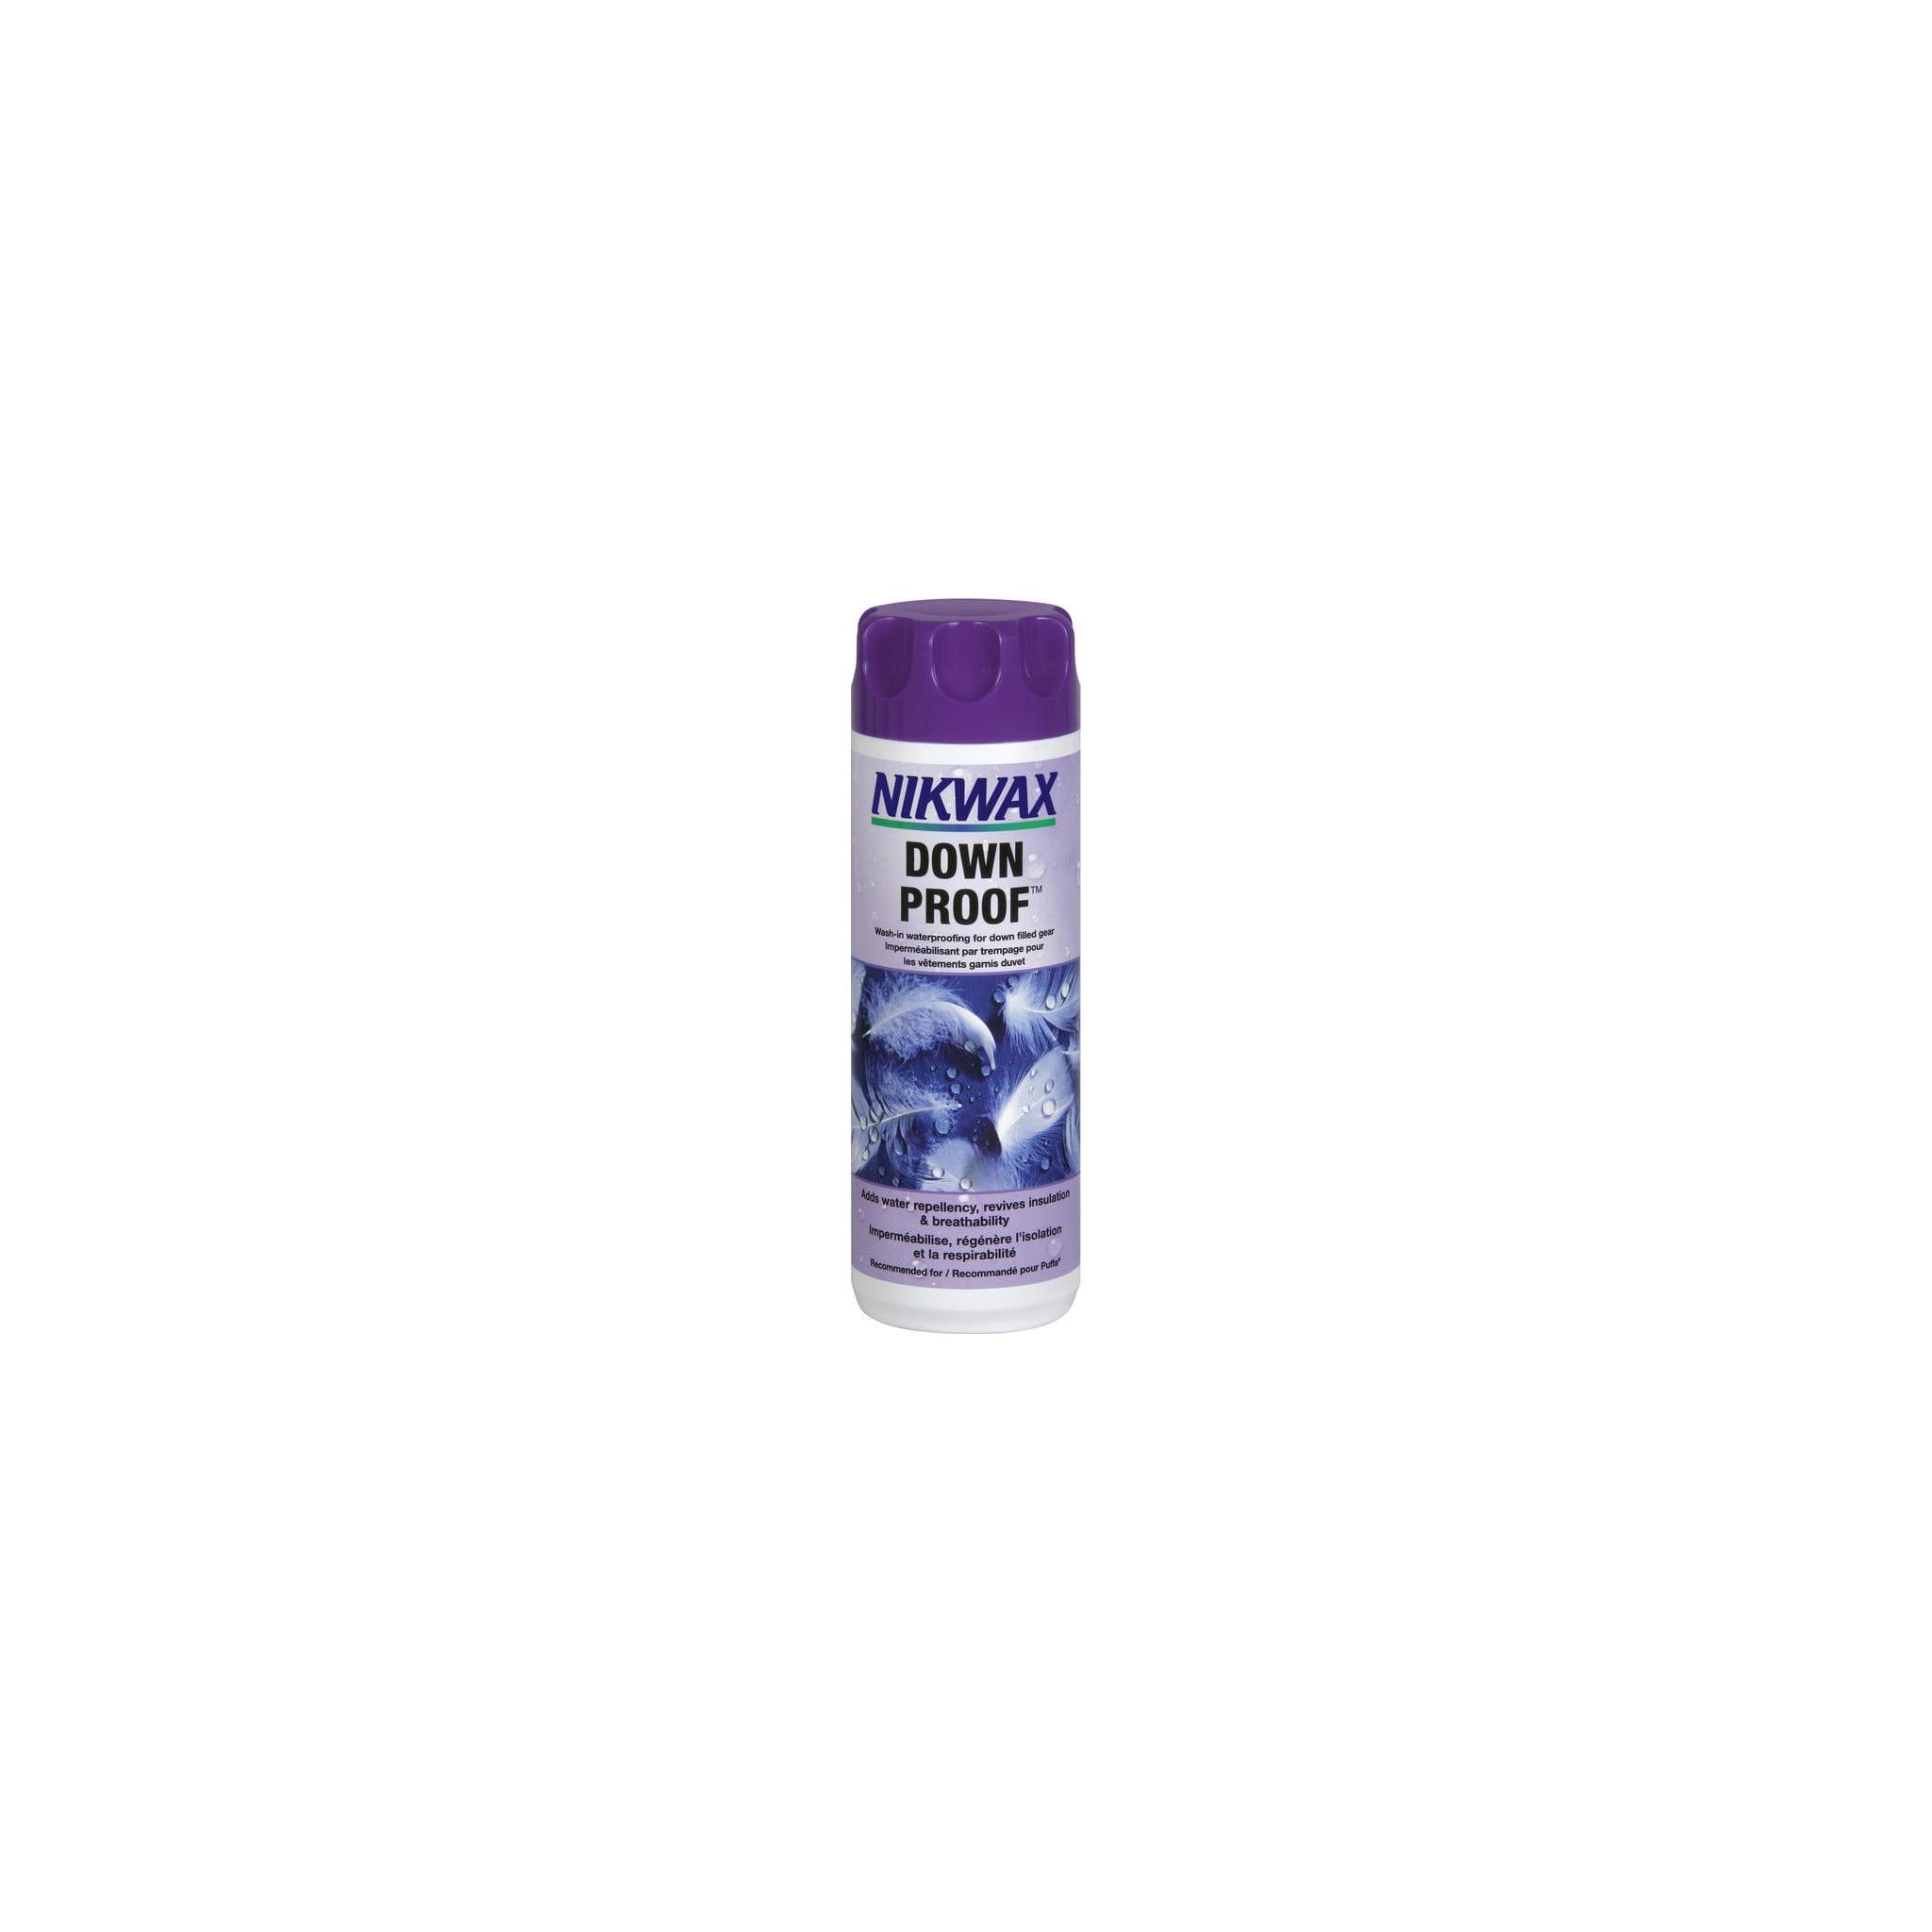 Impregneringsmiddel til dunprodukter som gir vannavstøtende egenskaper